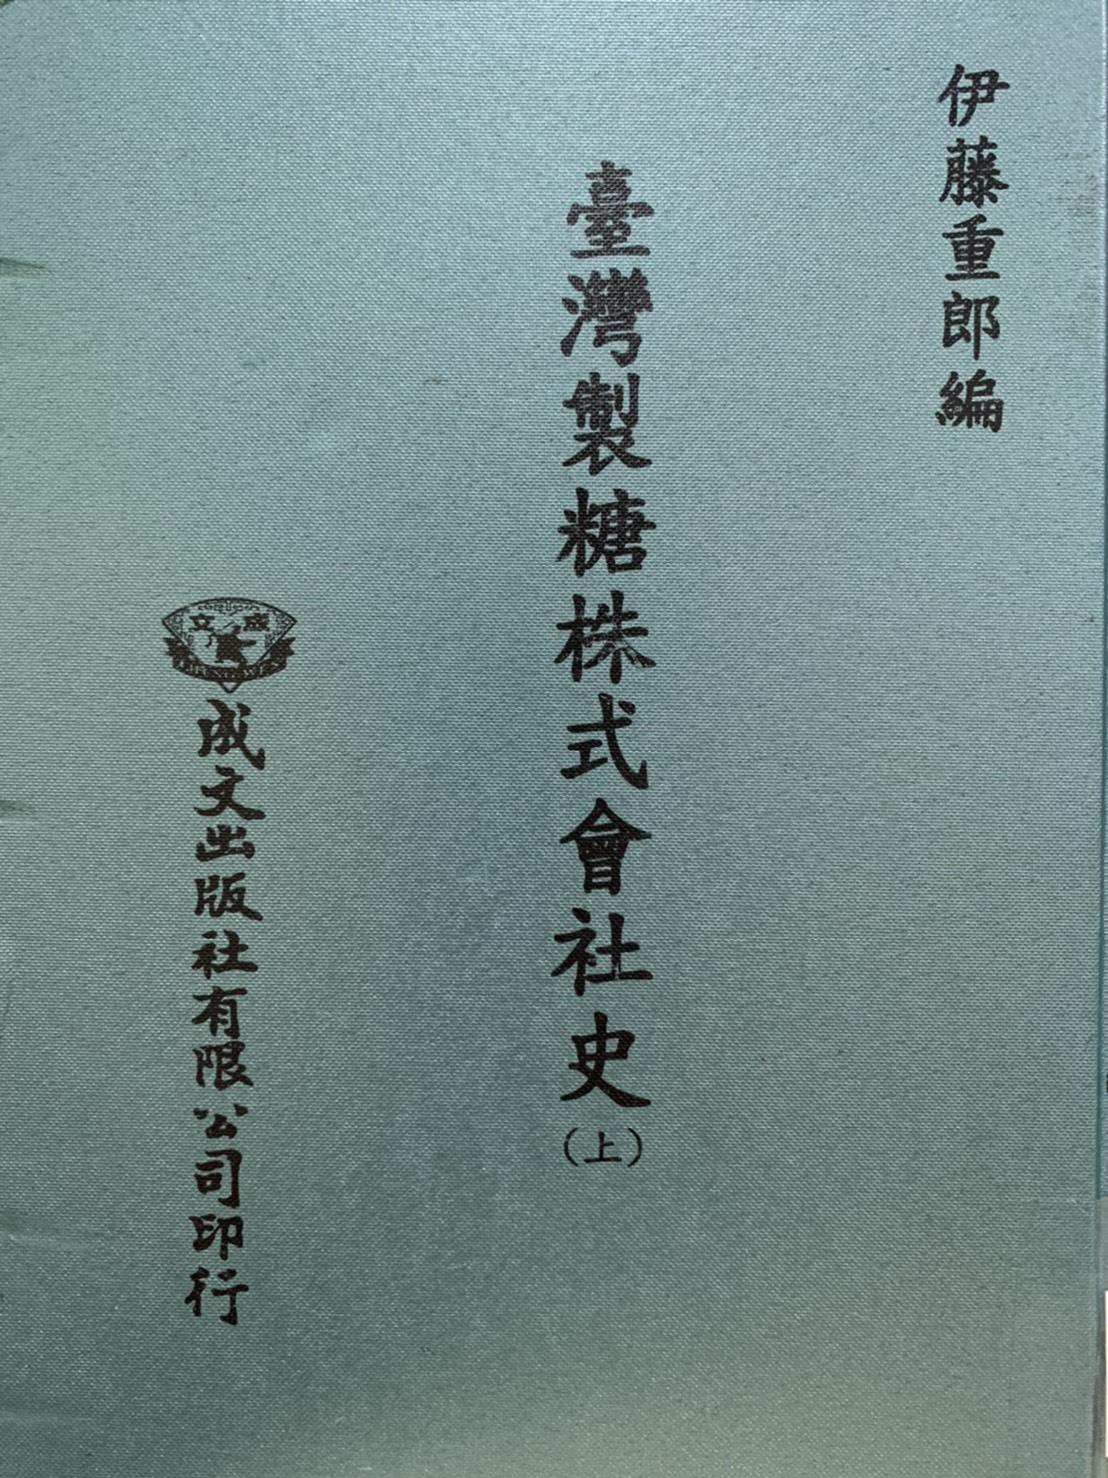 臺灣製糖株式會社史(另開視窗)